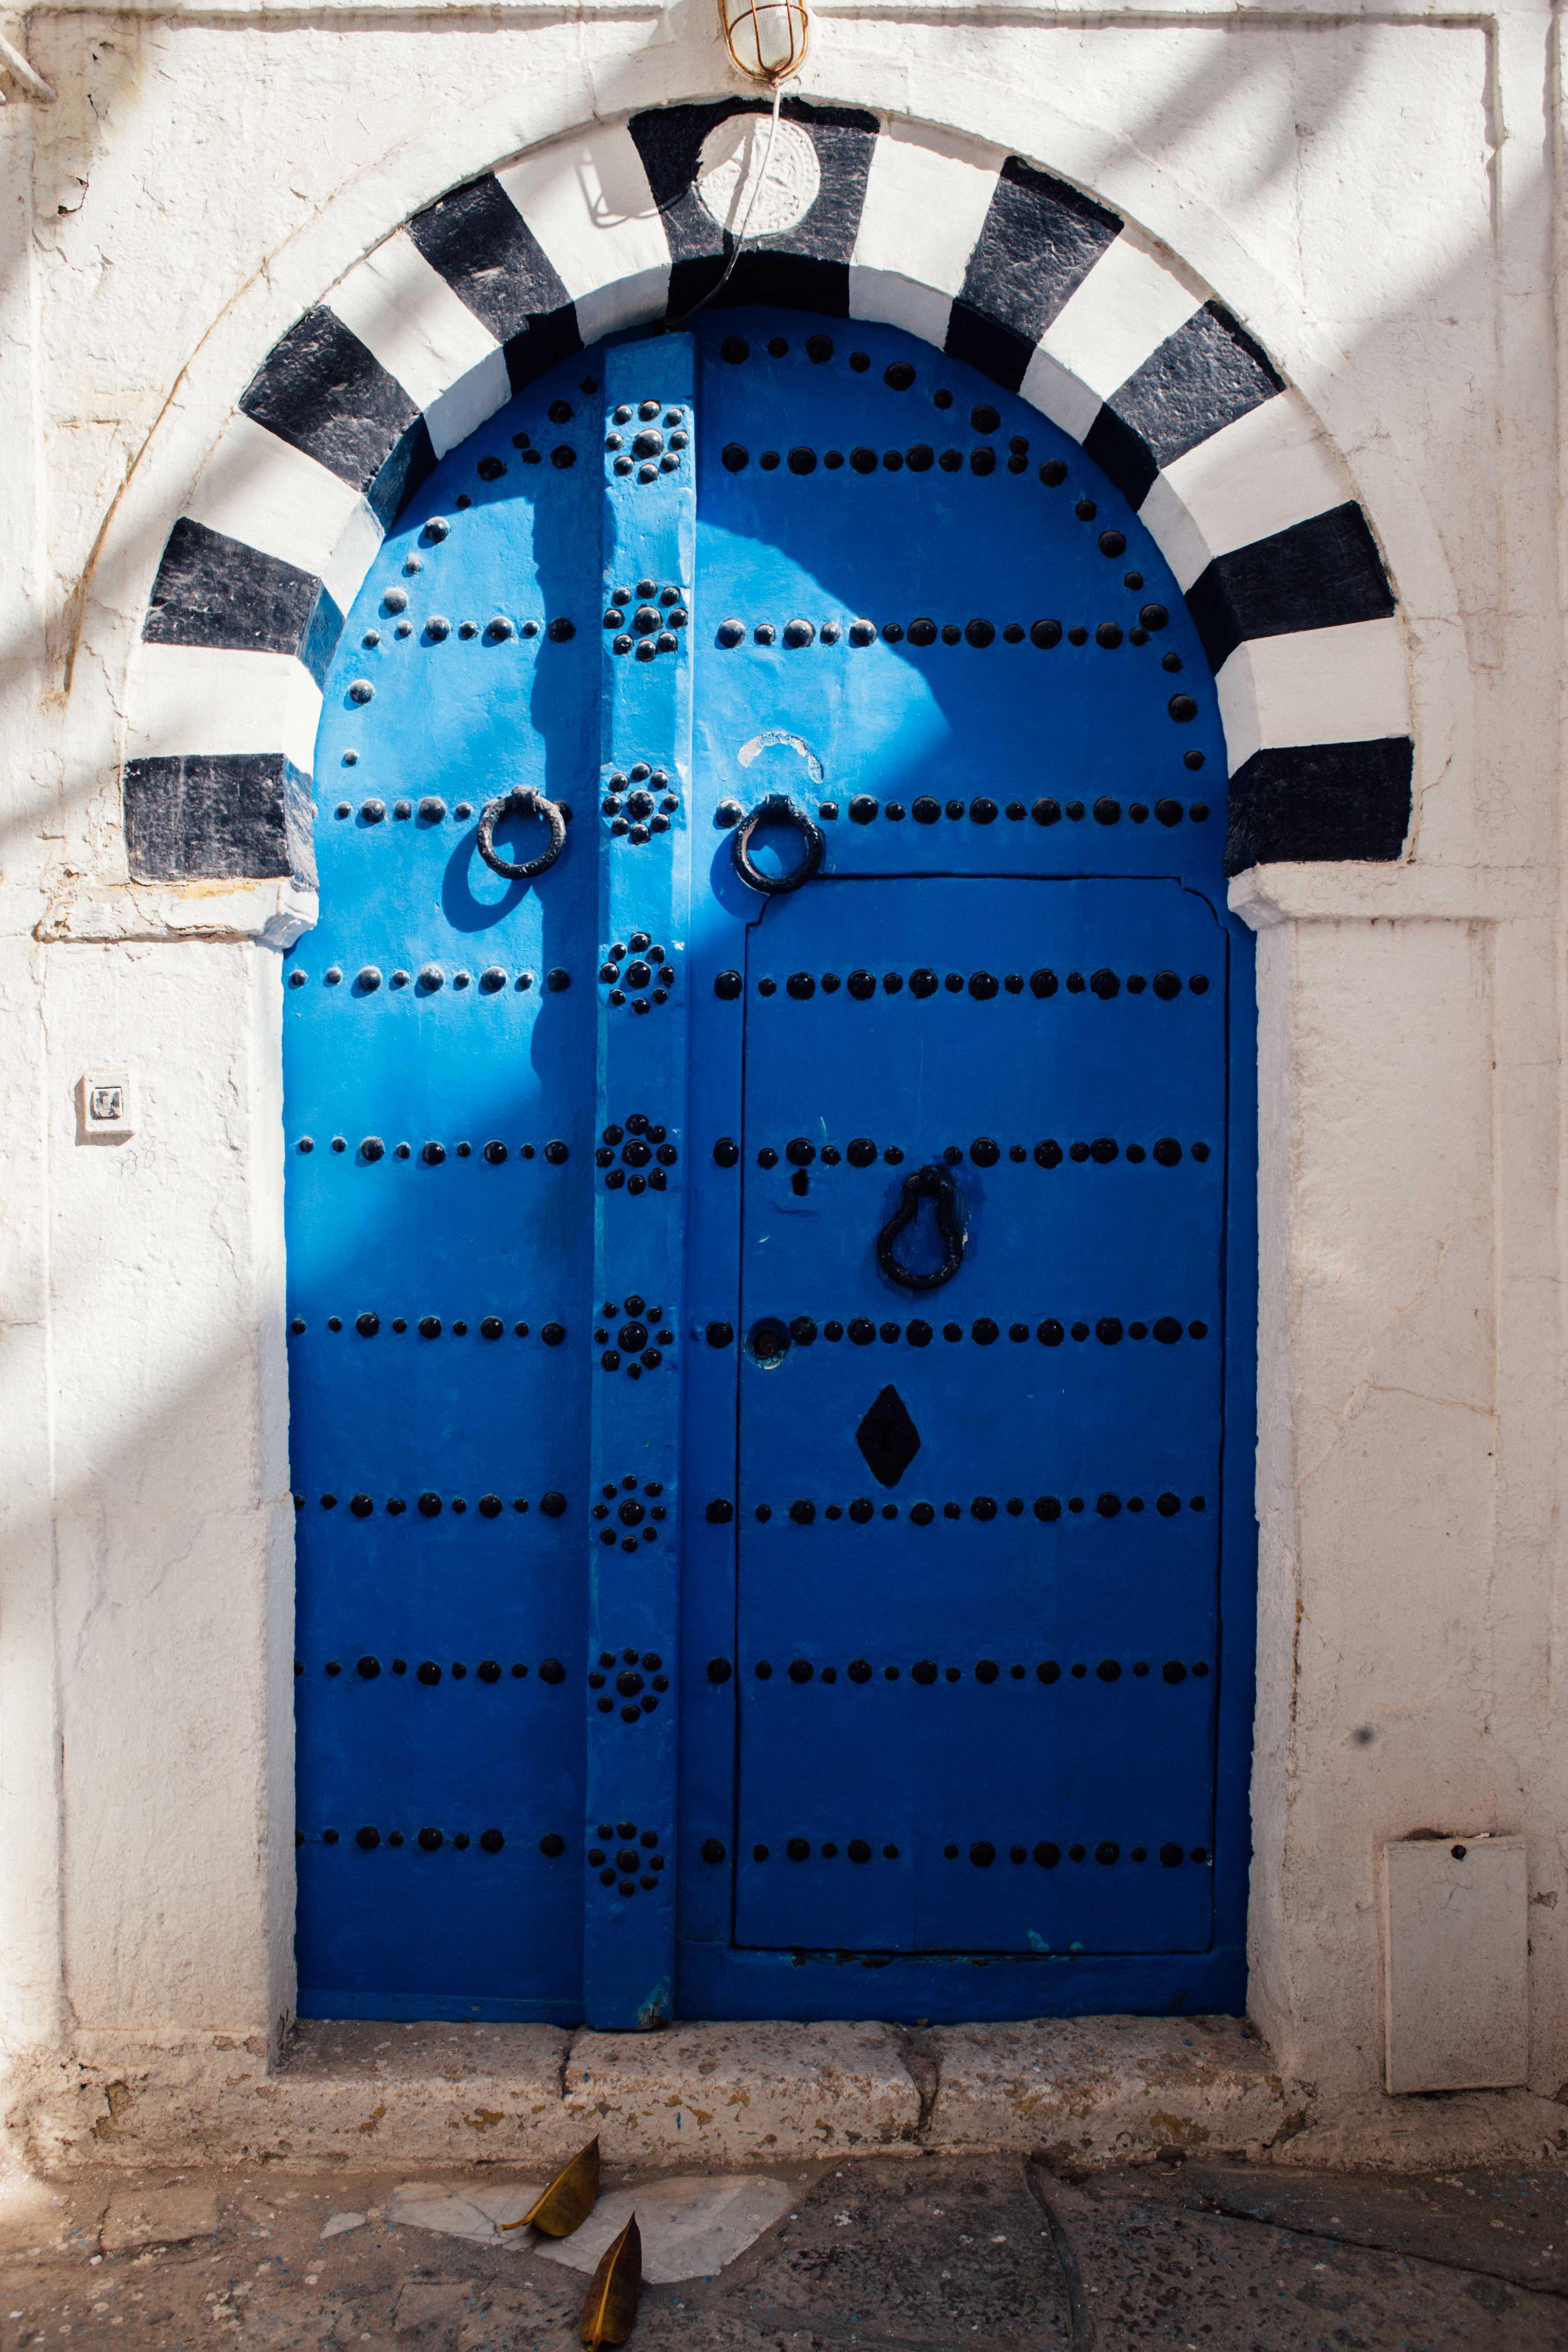 lucie_sassiat-engagement-tunisie-sidi_bou_said-leblogdemadamec.fr-5